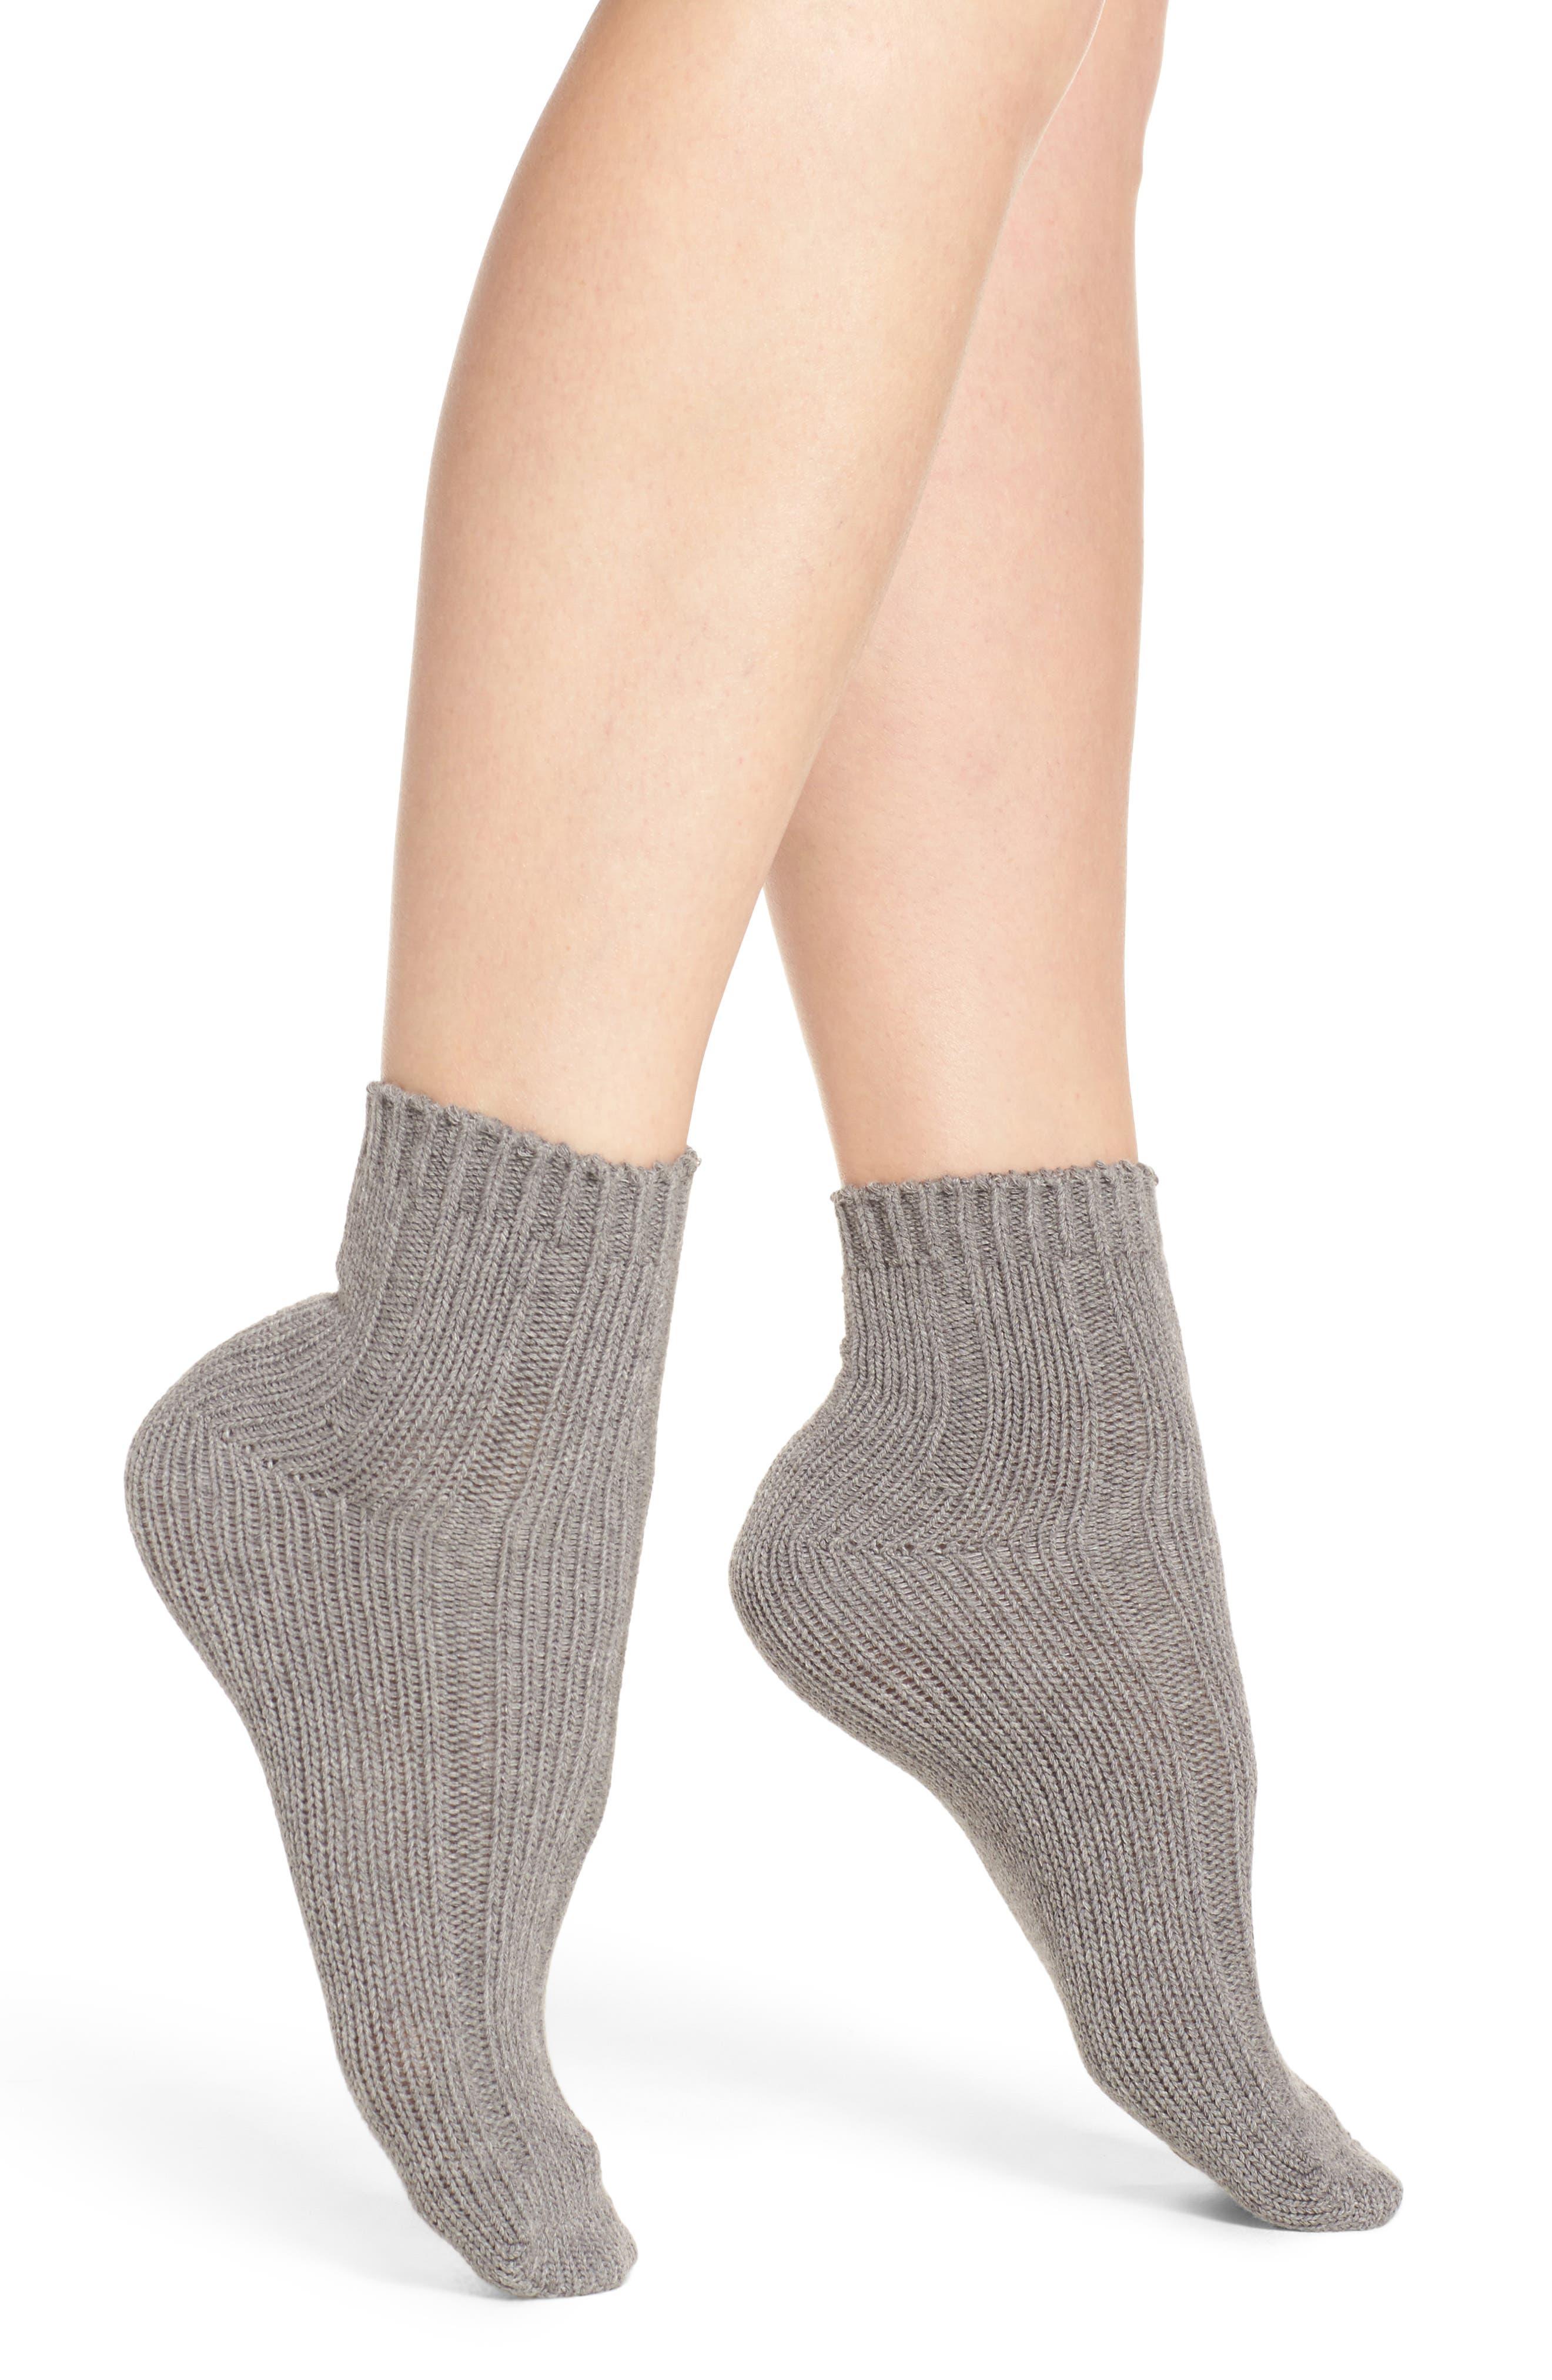 Variegated Rib Crew Socks,                             Main thumbnail 1, color,                             Grey